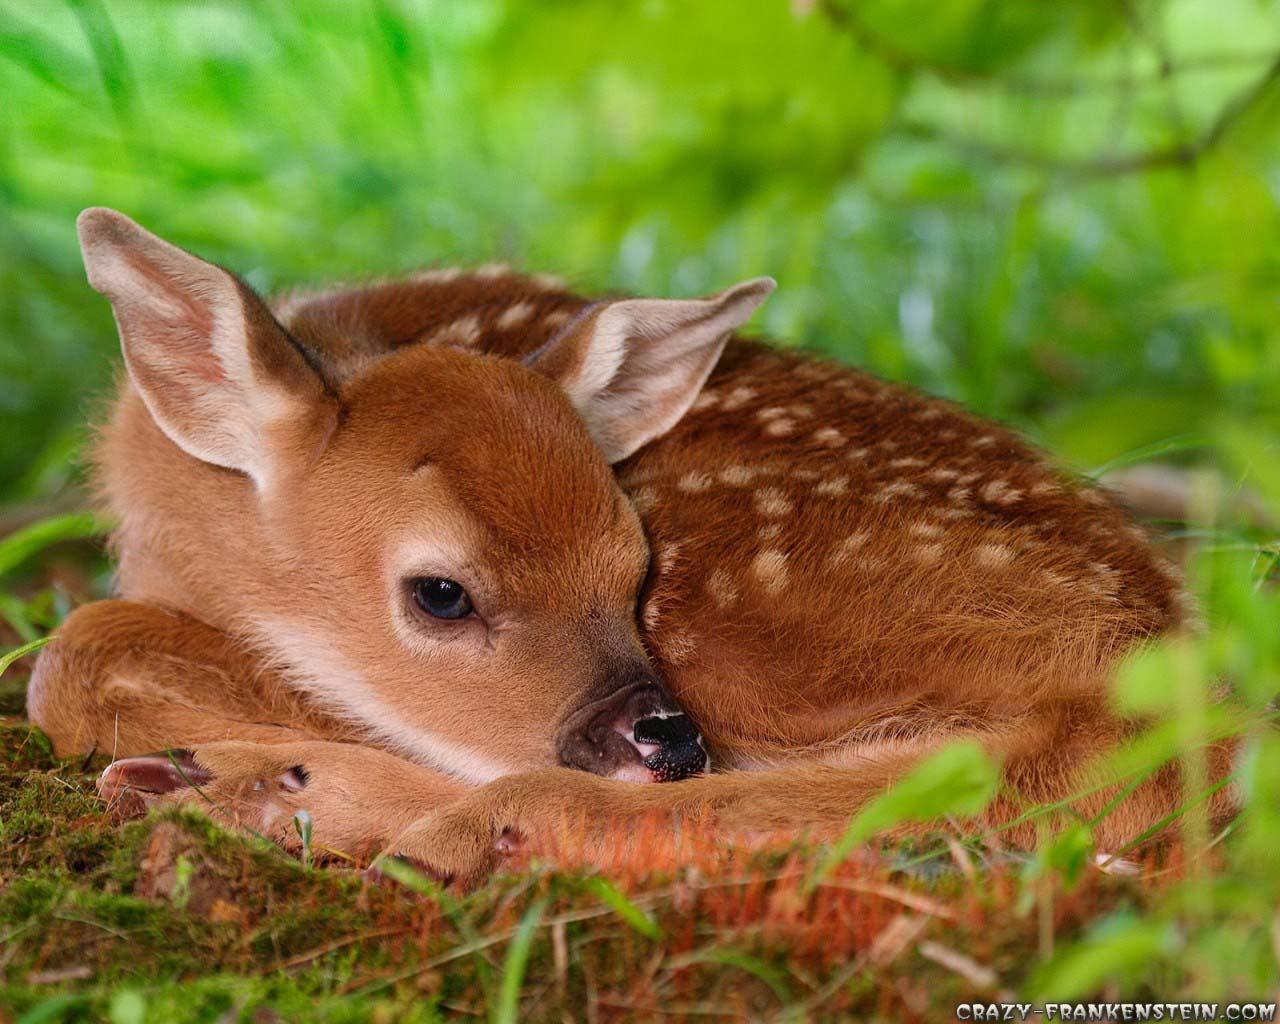 http://1.bp.blogspot.com/-ADL5I9JINJg/TzC0nMuy2OI/AAAAAAAAElA/--_VuhuwmoM/s1600/deer_wallpaper---0005.jpg